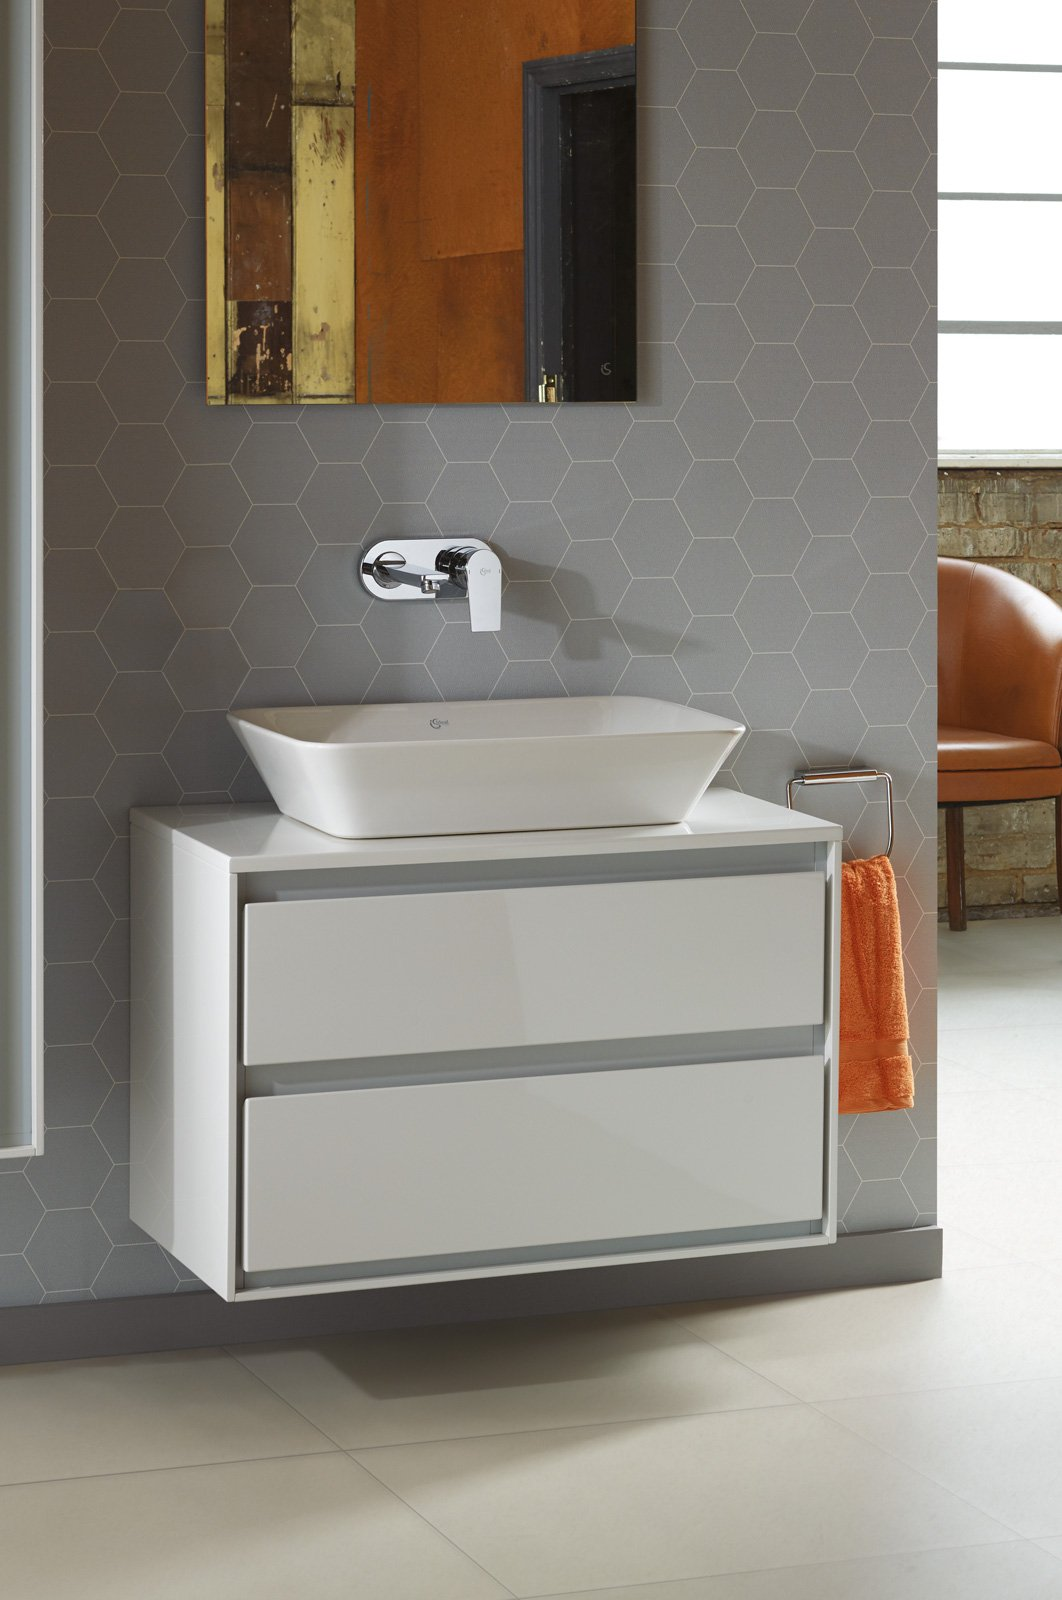 Per il bagno light design per la nuova collezione - Sottolavabo bagno ...